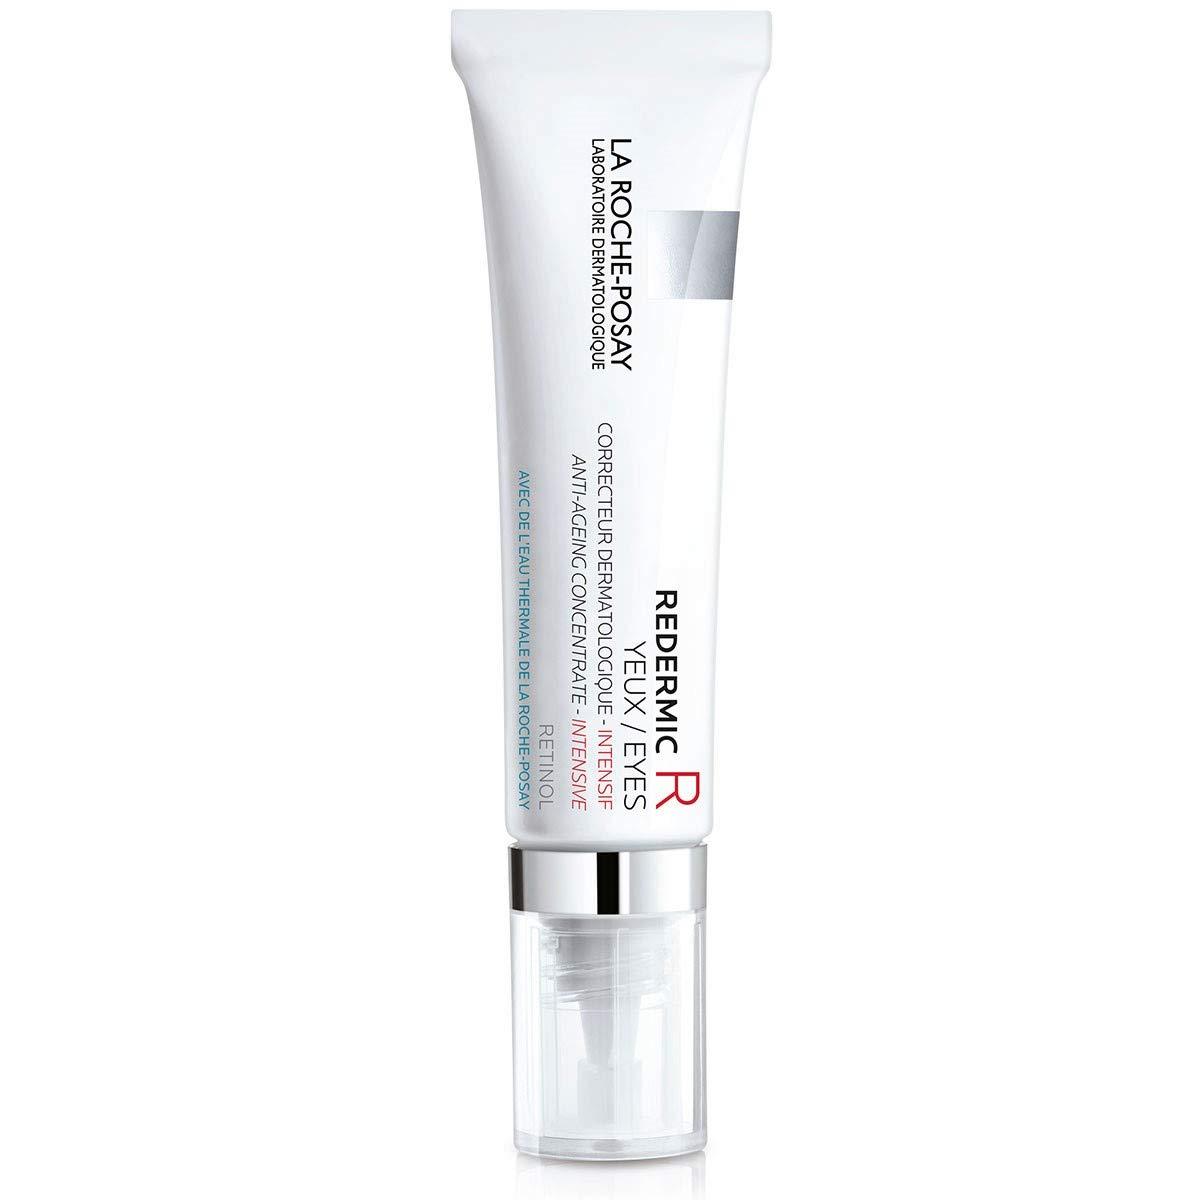 La Roche-Posay Redermic R Eyes Retinol Eye Cream, 0.5 Fl oz.